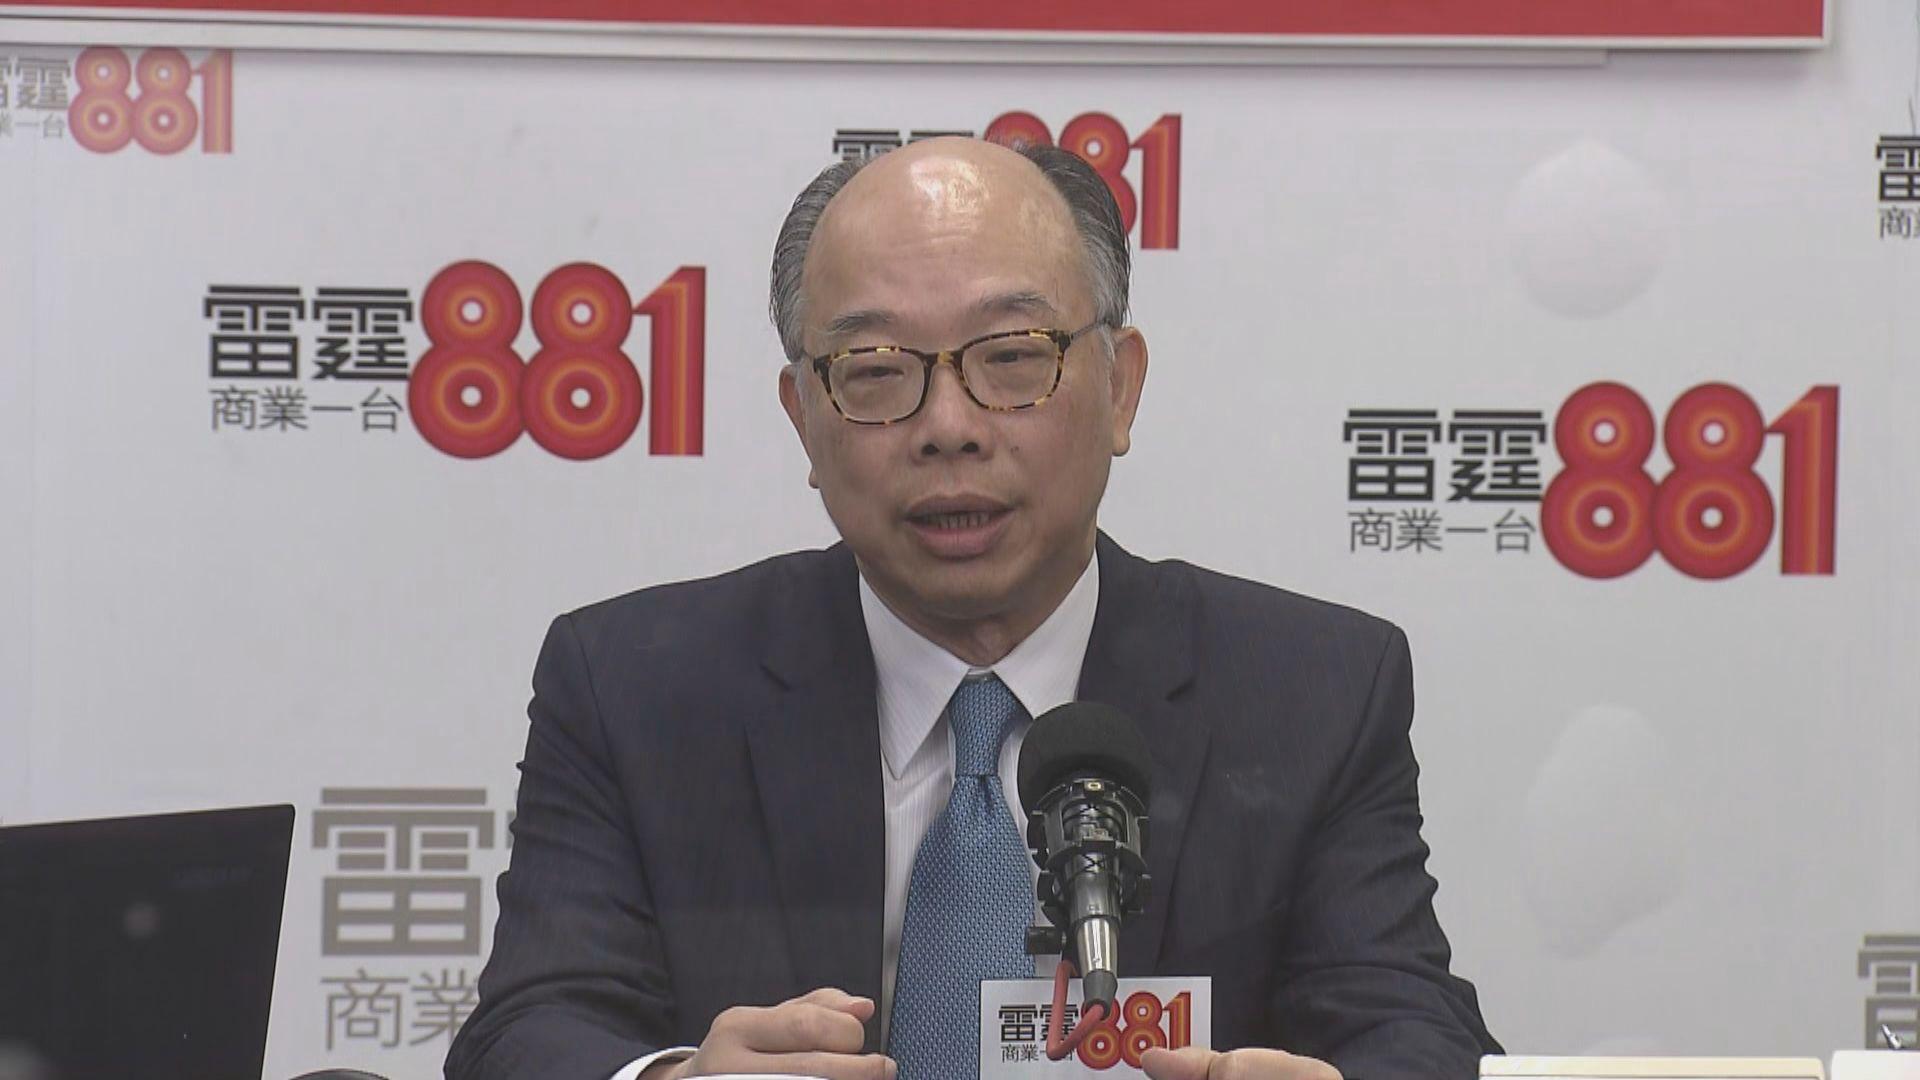 陳帆:若停止破壞港鐵 最快兩周可回復正常服務